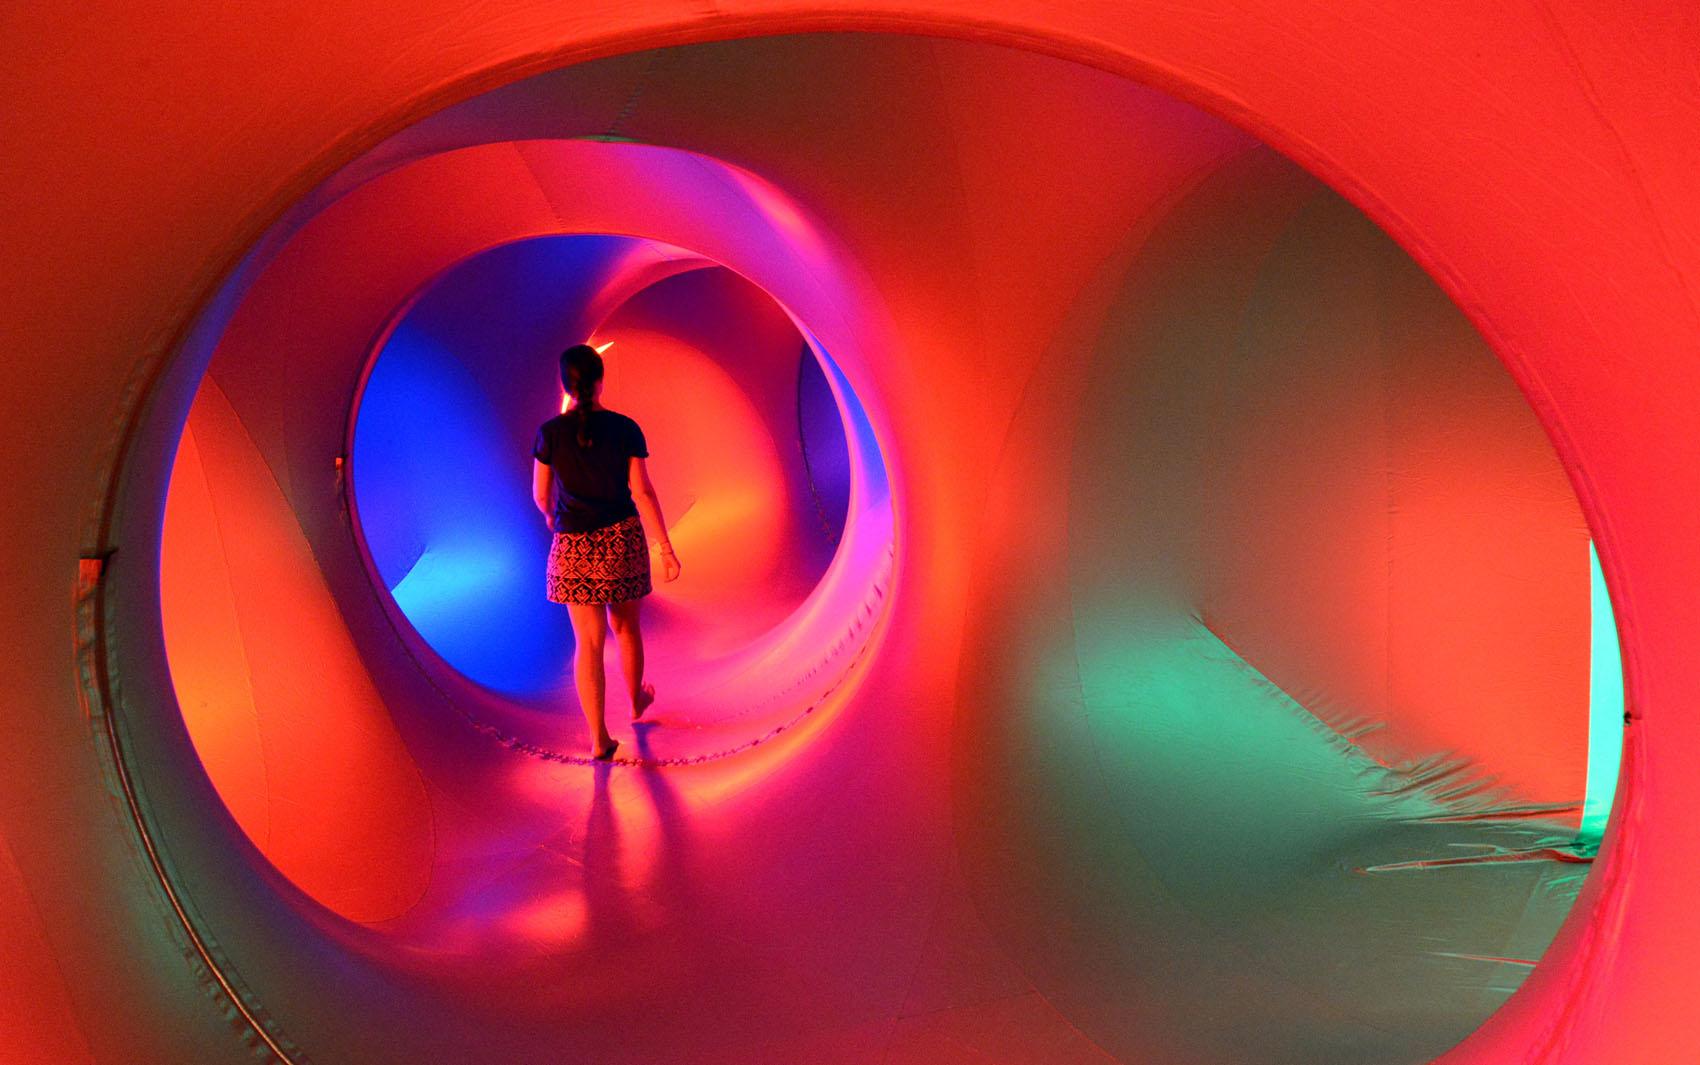 Visitante explora o interior de uma escultura inflável na Opera House em Sydney.